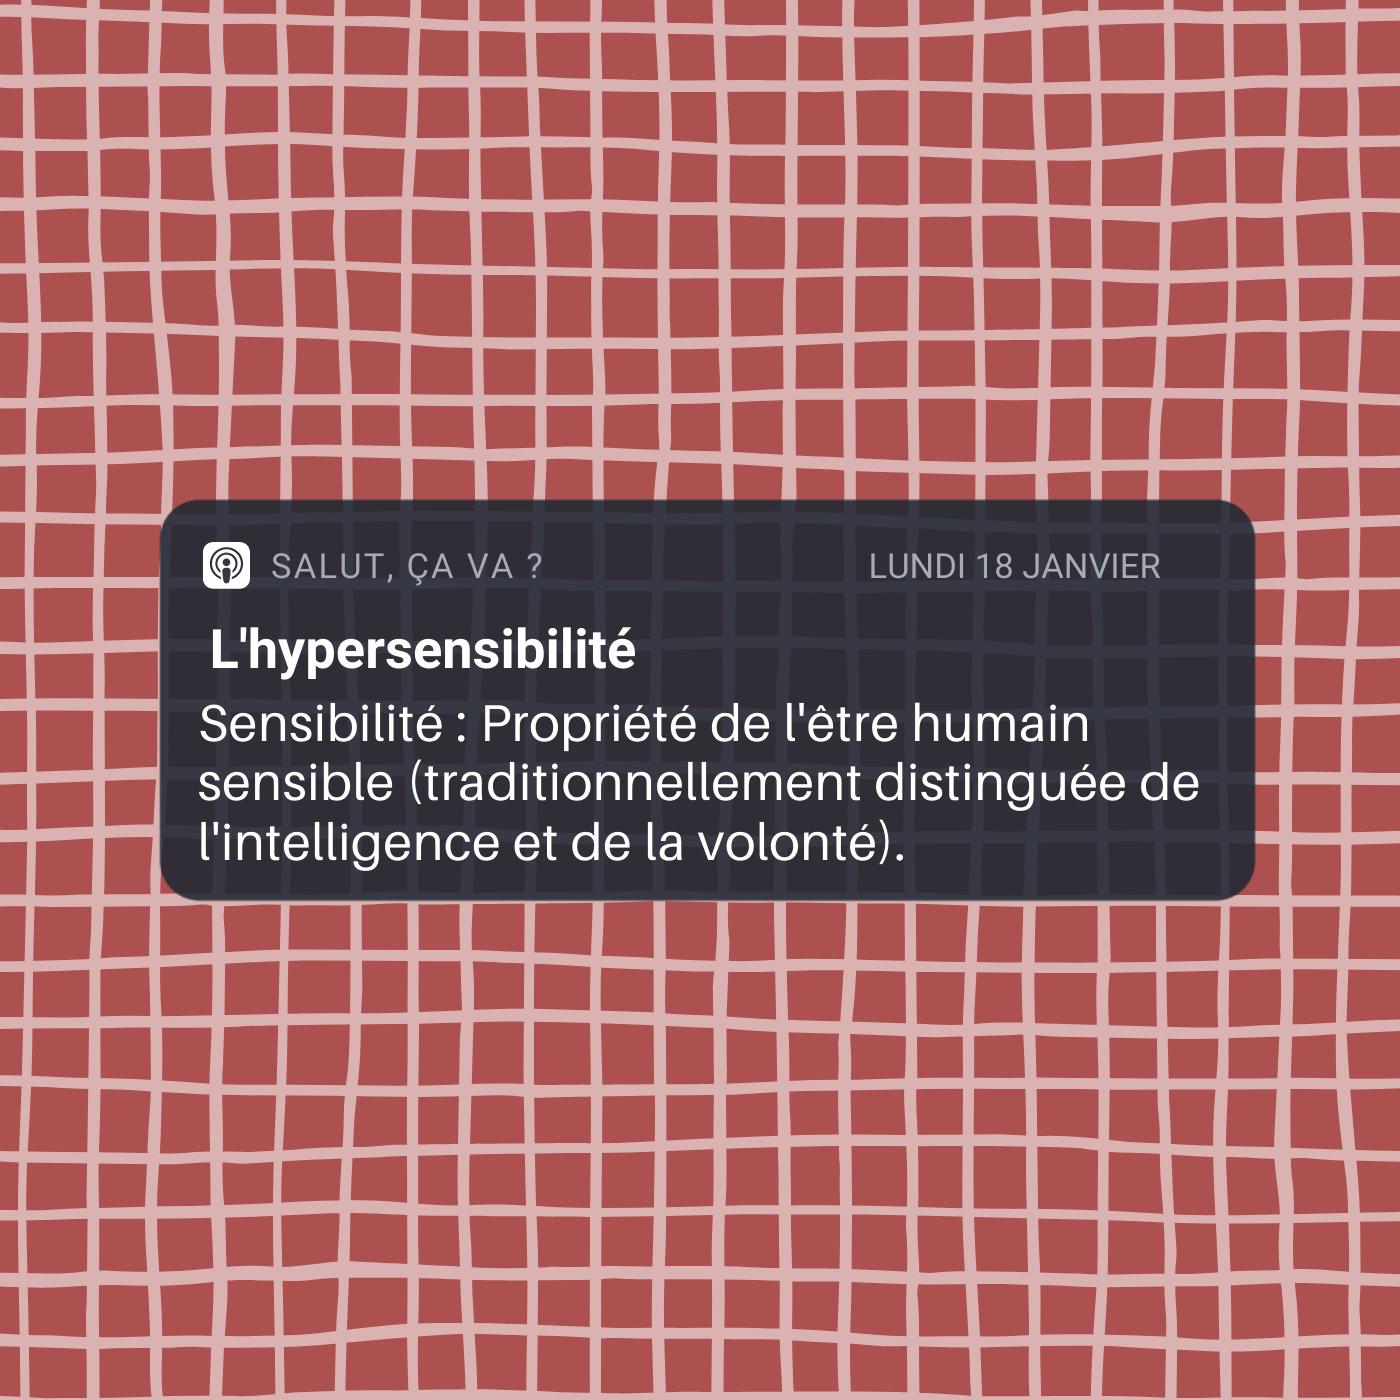 L'hypersensibilité